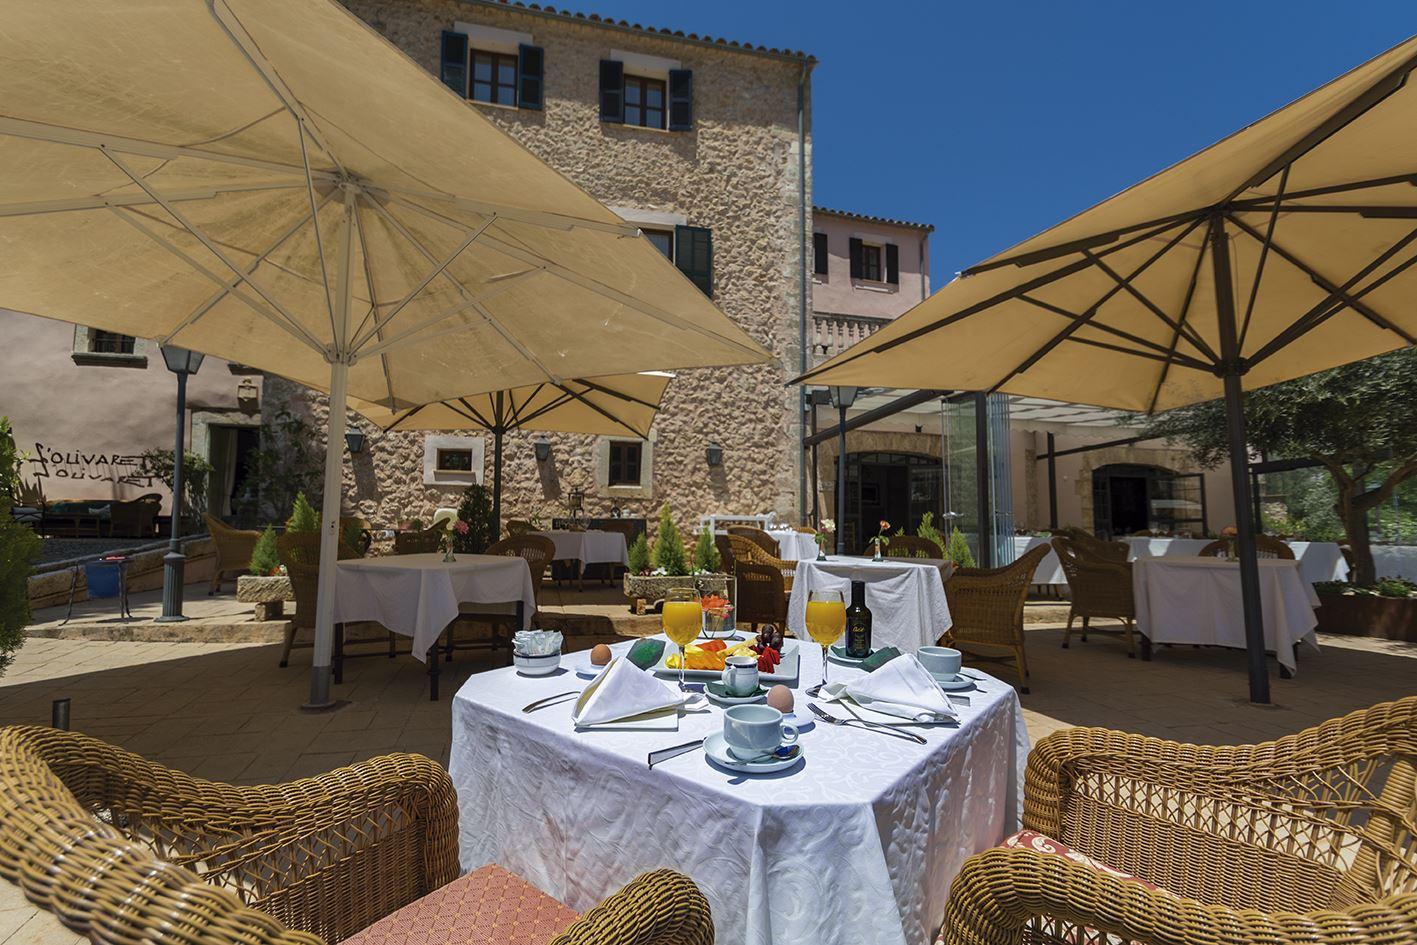 Frukost, Hotell S'Olivaret, Orient, Mallorca, Signaturresor